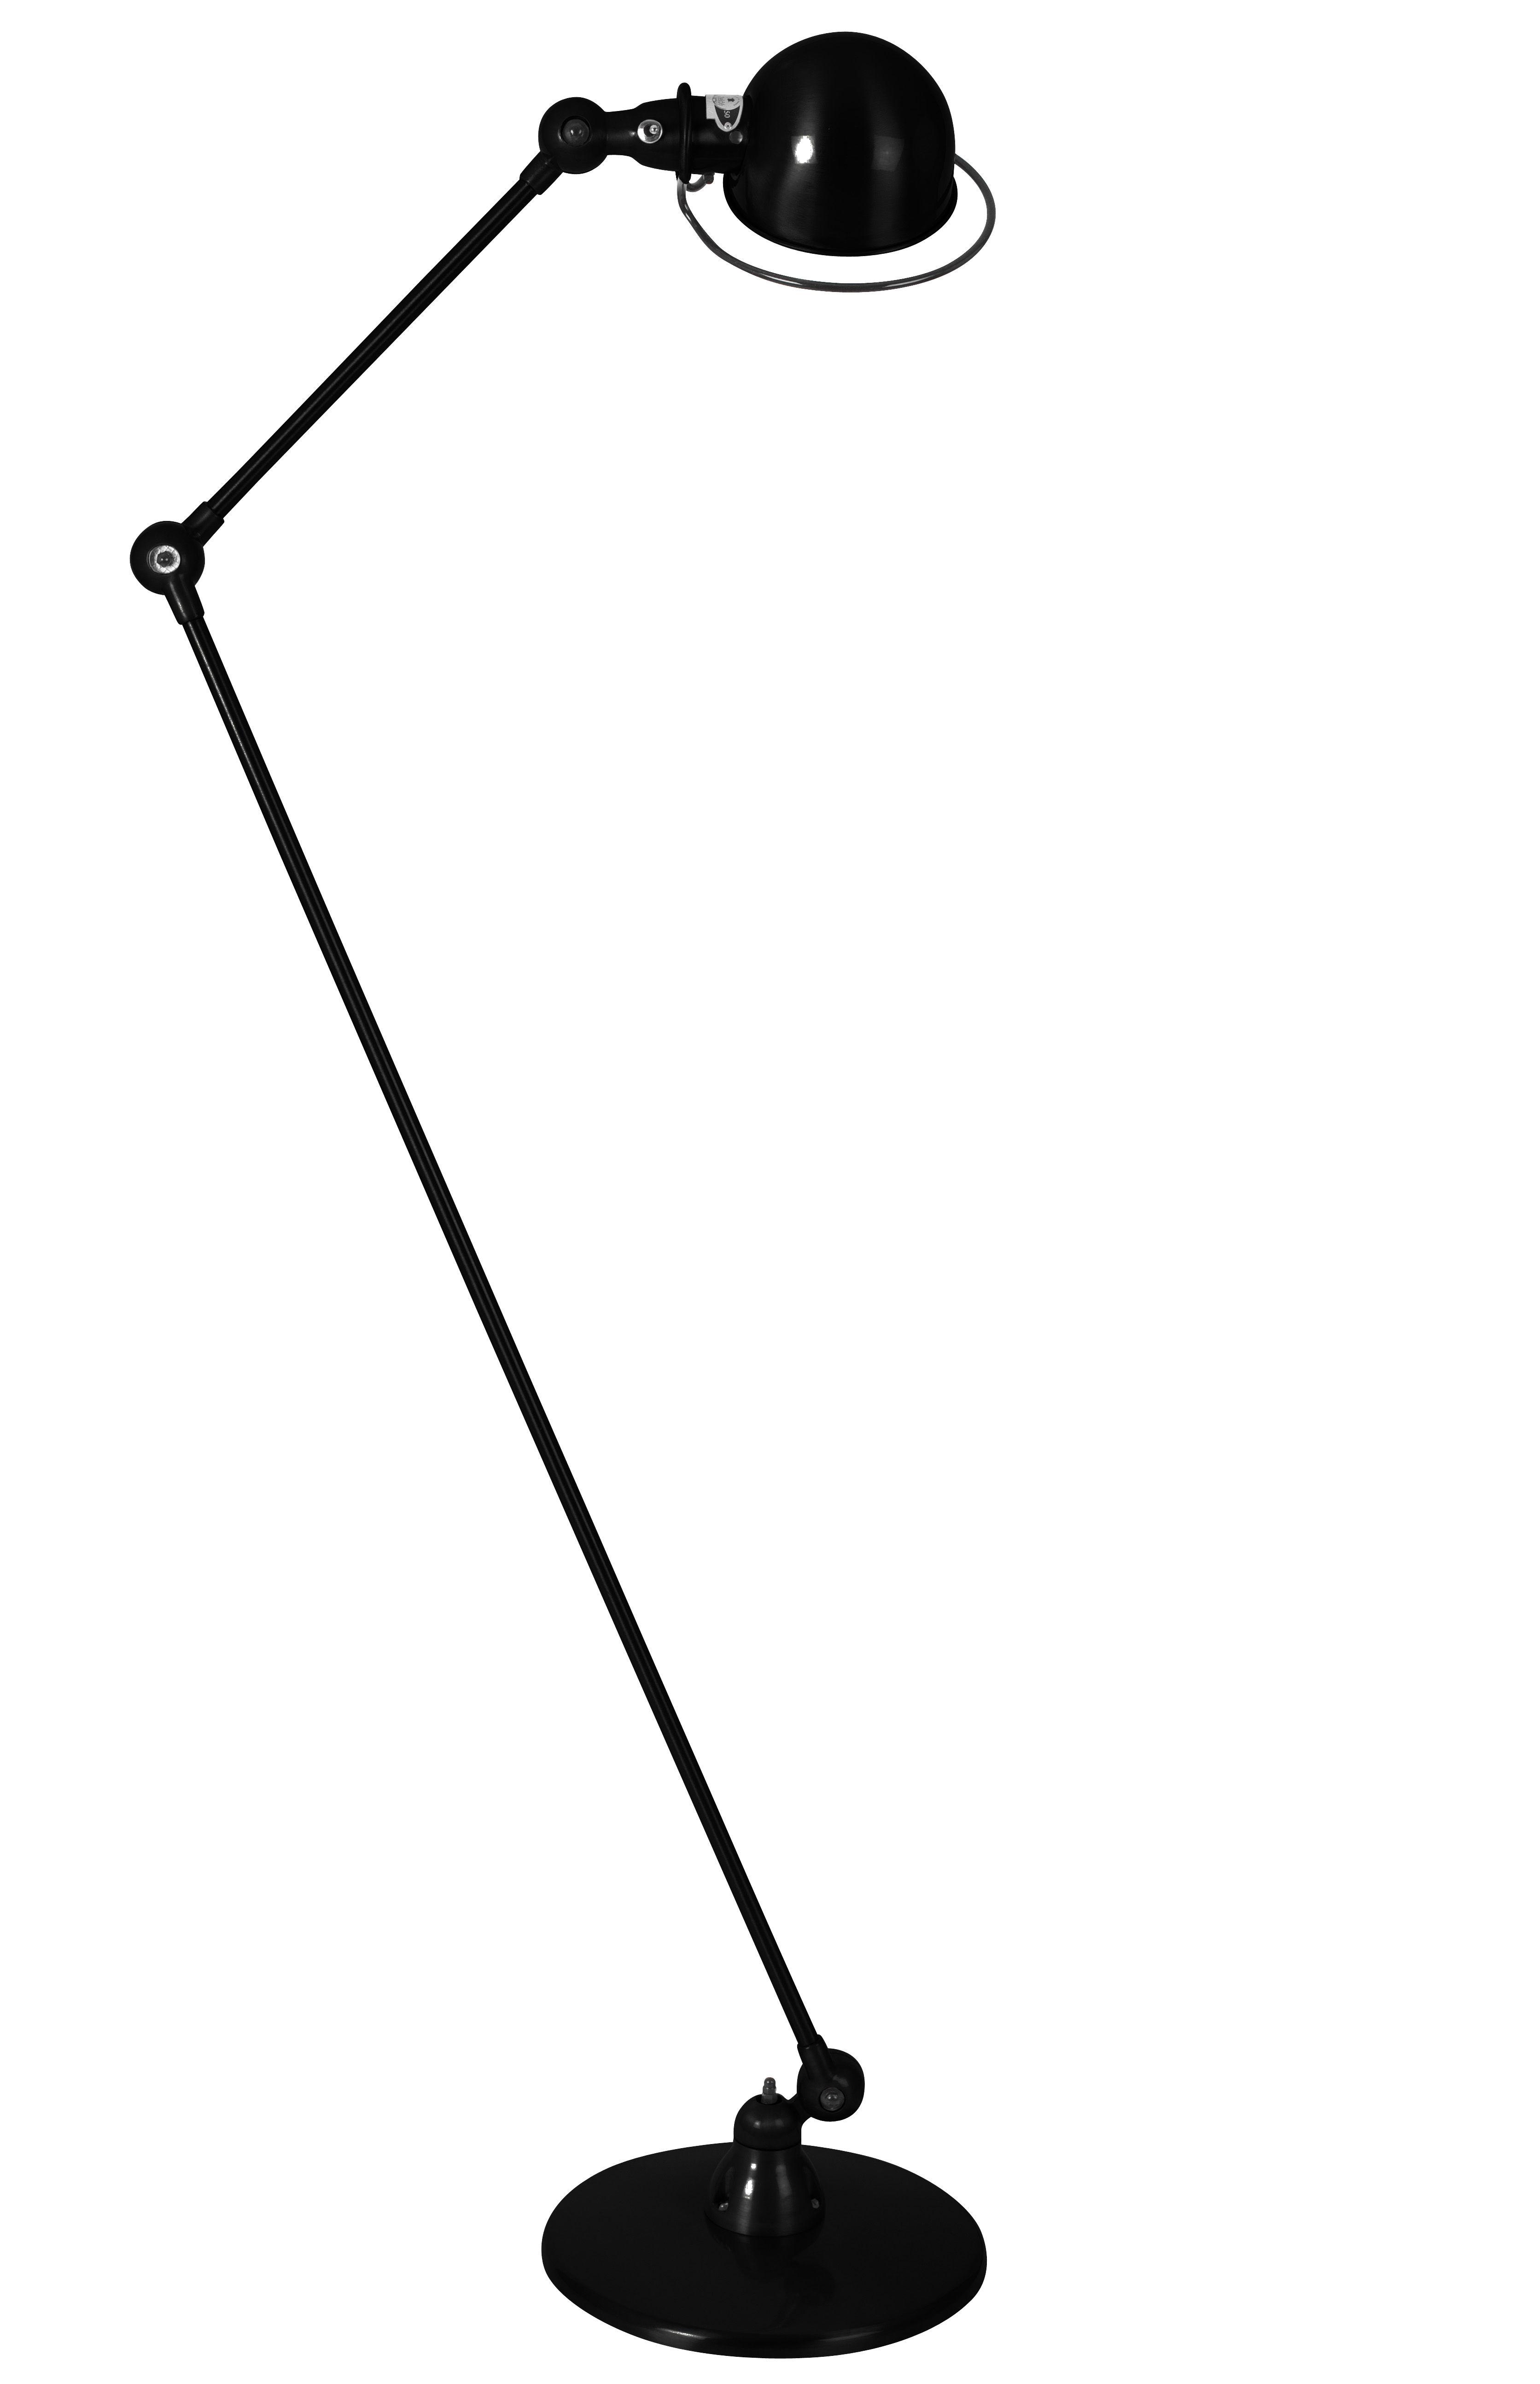 Illuminazione - Lampade da terra - Lampada a stelo Loft - 2 bracci articolati - H max 160 cm di Jieldé - Nero opaco - Acciaio inossidabile